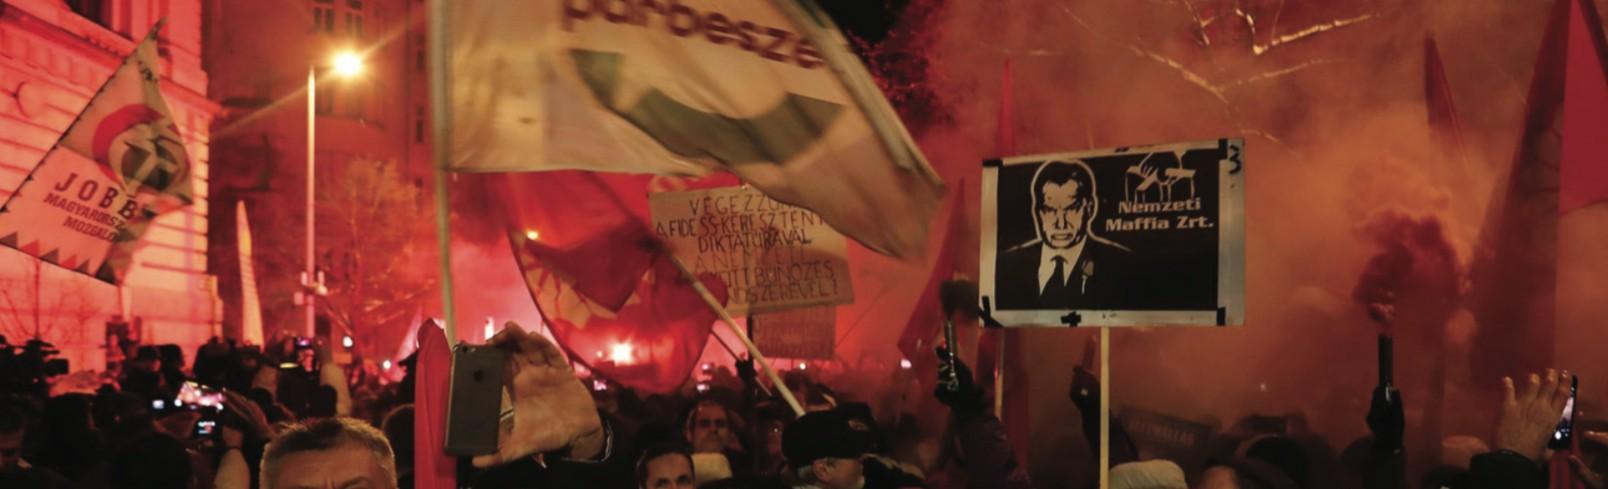 2019 онд Зүүн Европыг хүлээж буй эрсдэлүүд